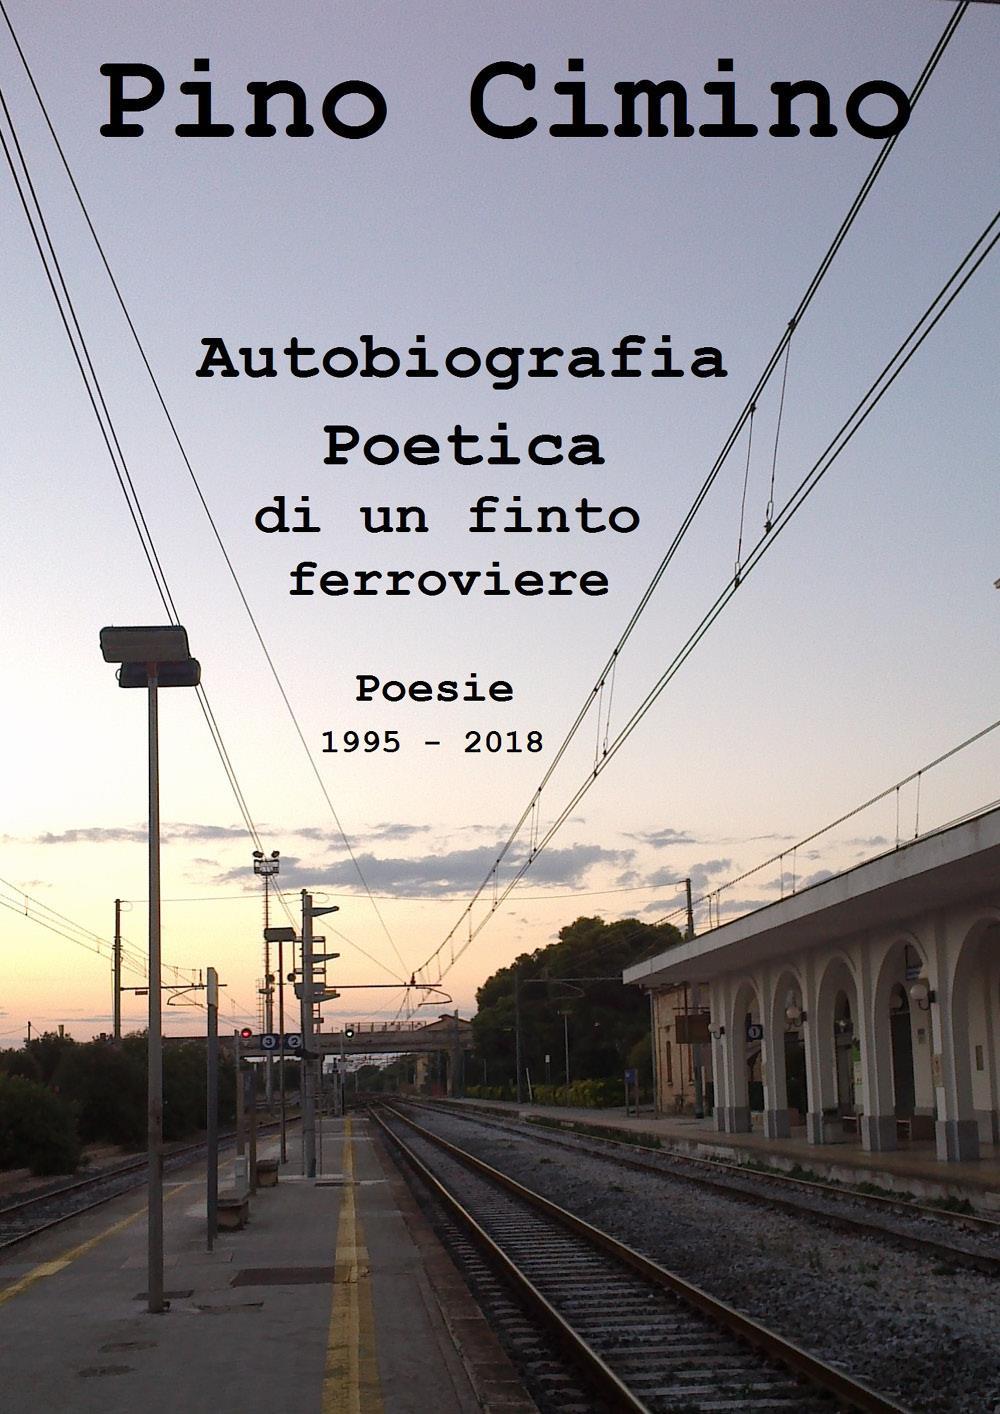 Autobiografia Poetica di un finto ferroviere